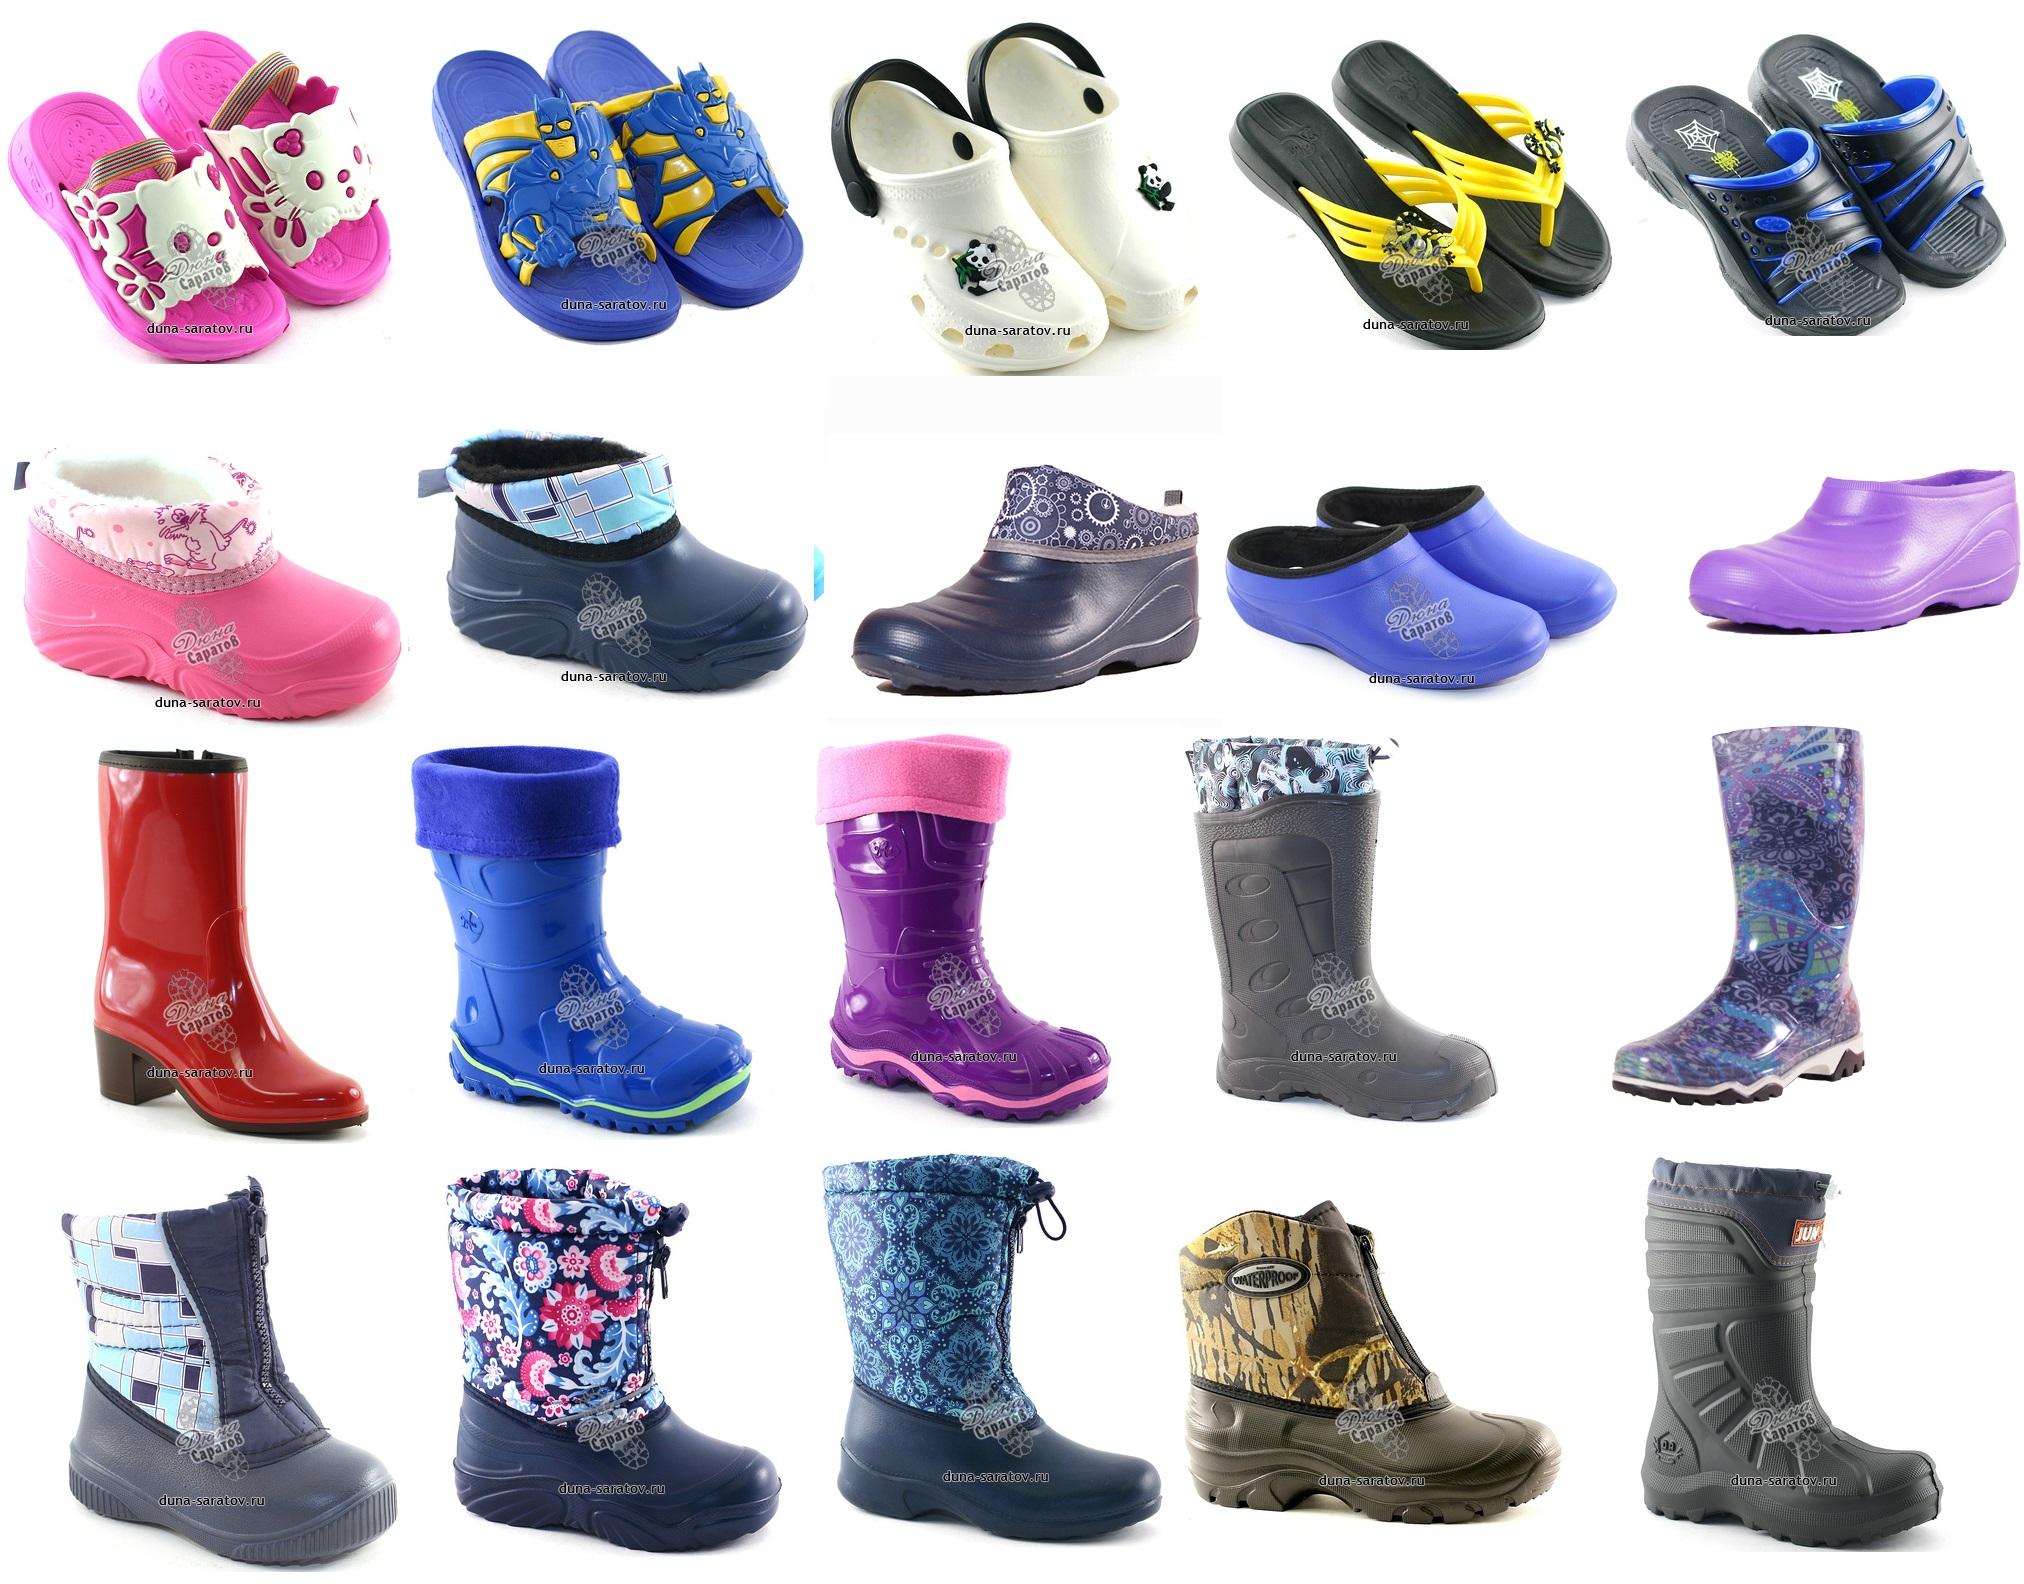 Обувь ПВХ, ЭВА - для всей семьи 2. Сапоги, галоши, сланцы, сноубутсы. Низкие цены.